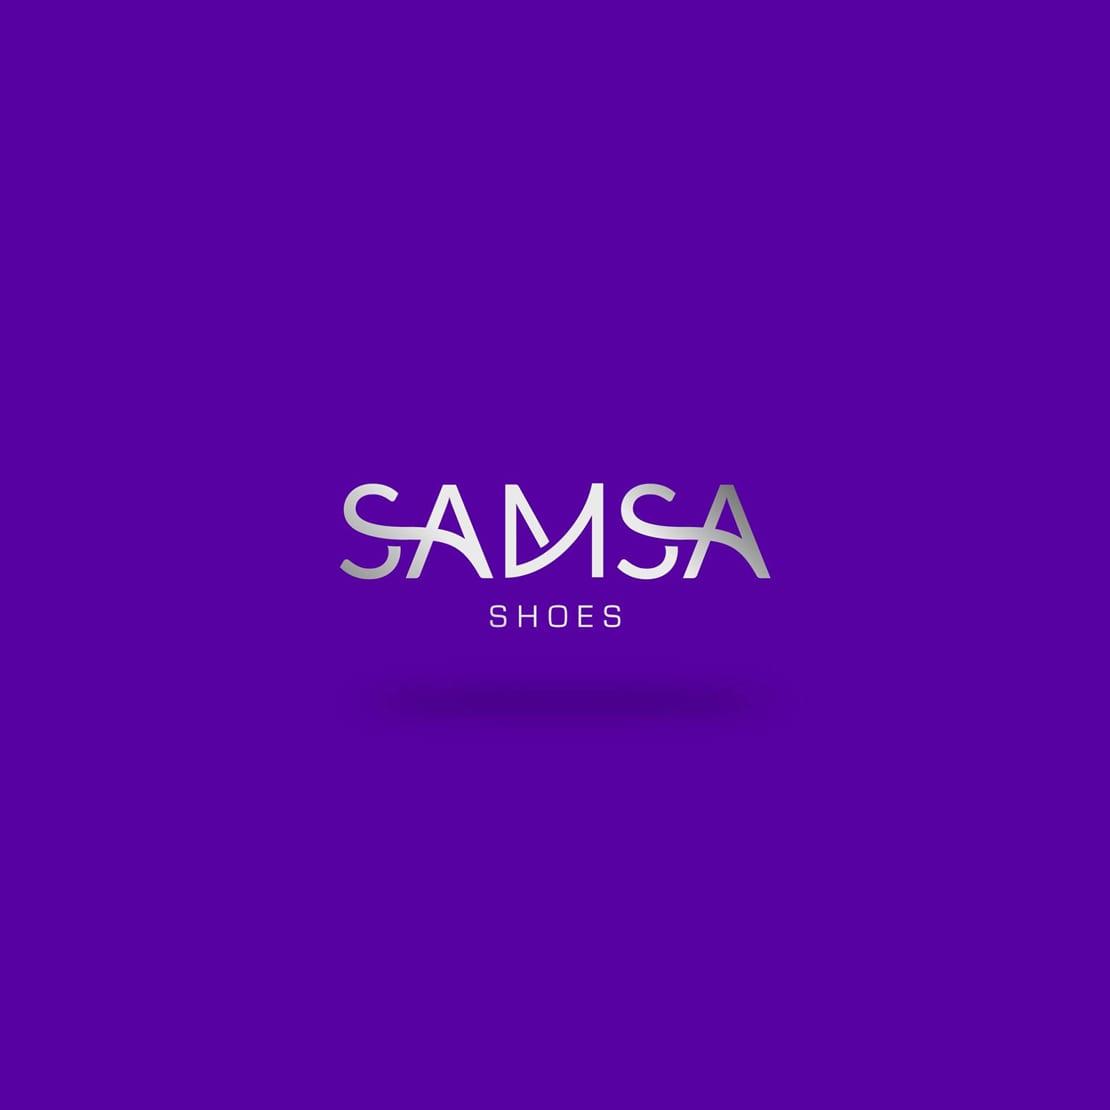 diseño de logo para samsa